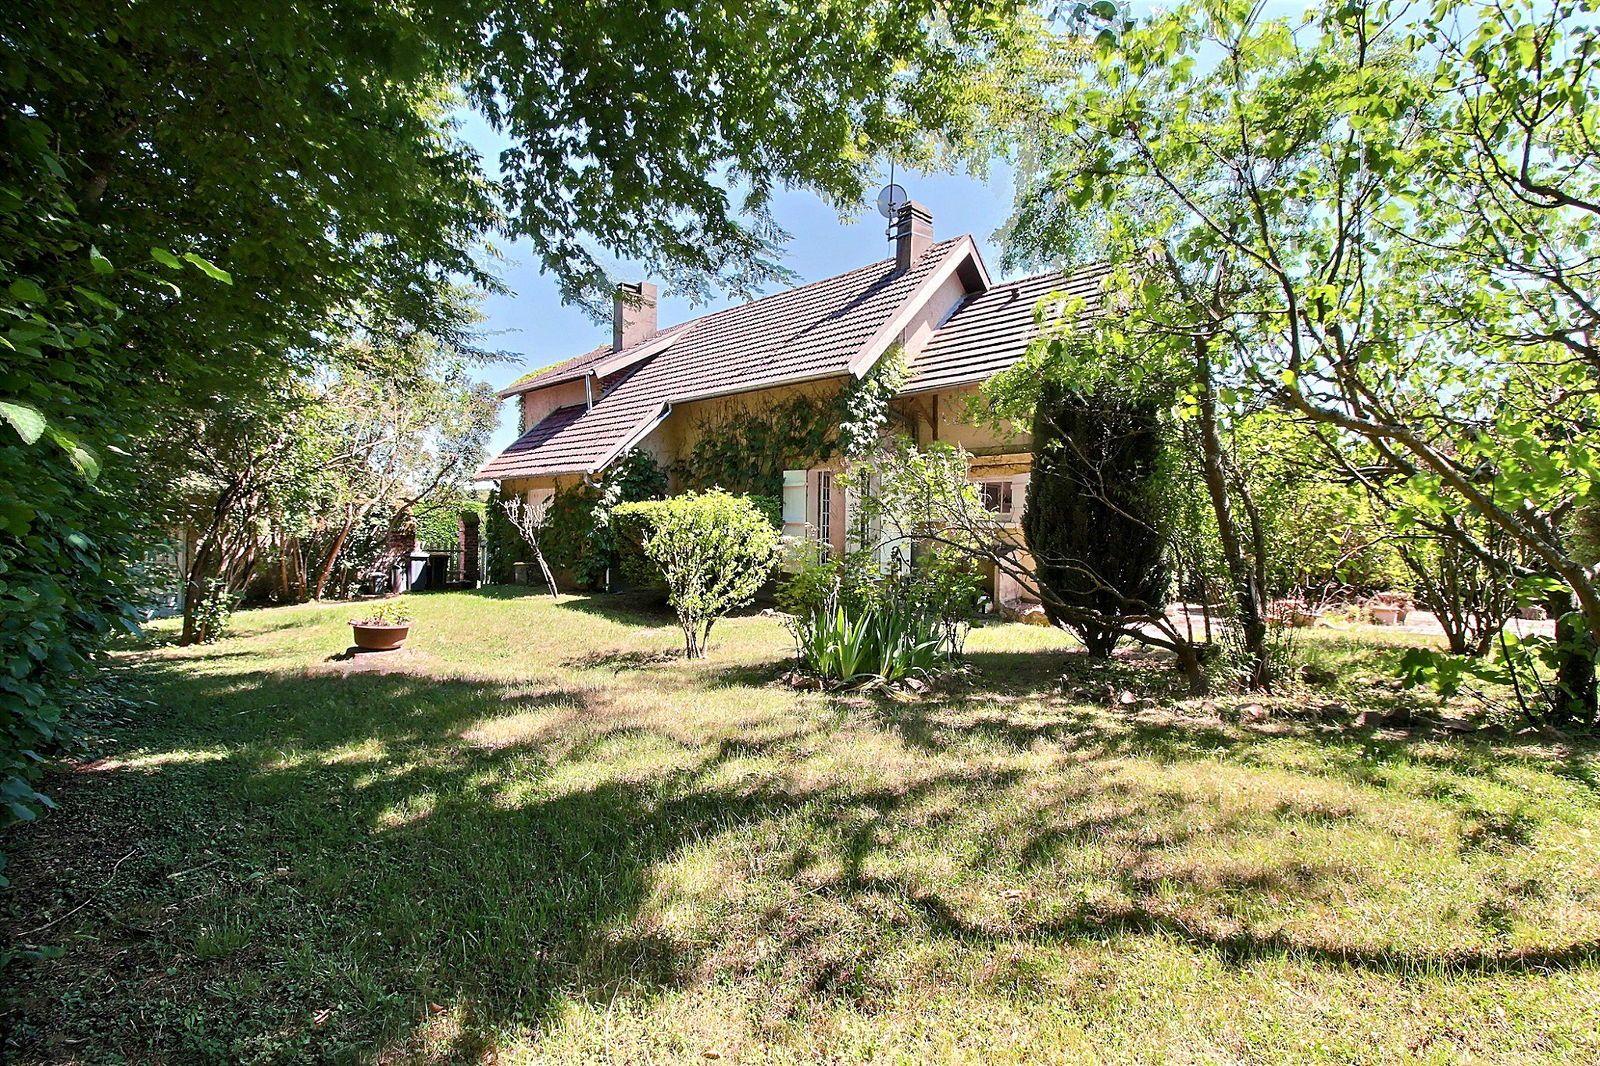 Vends maison 3chambres sur grand jardin arborée, moins d'1h de Paris - 130m²